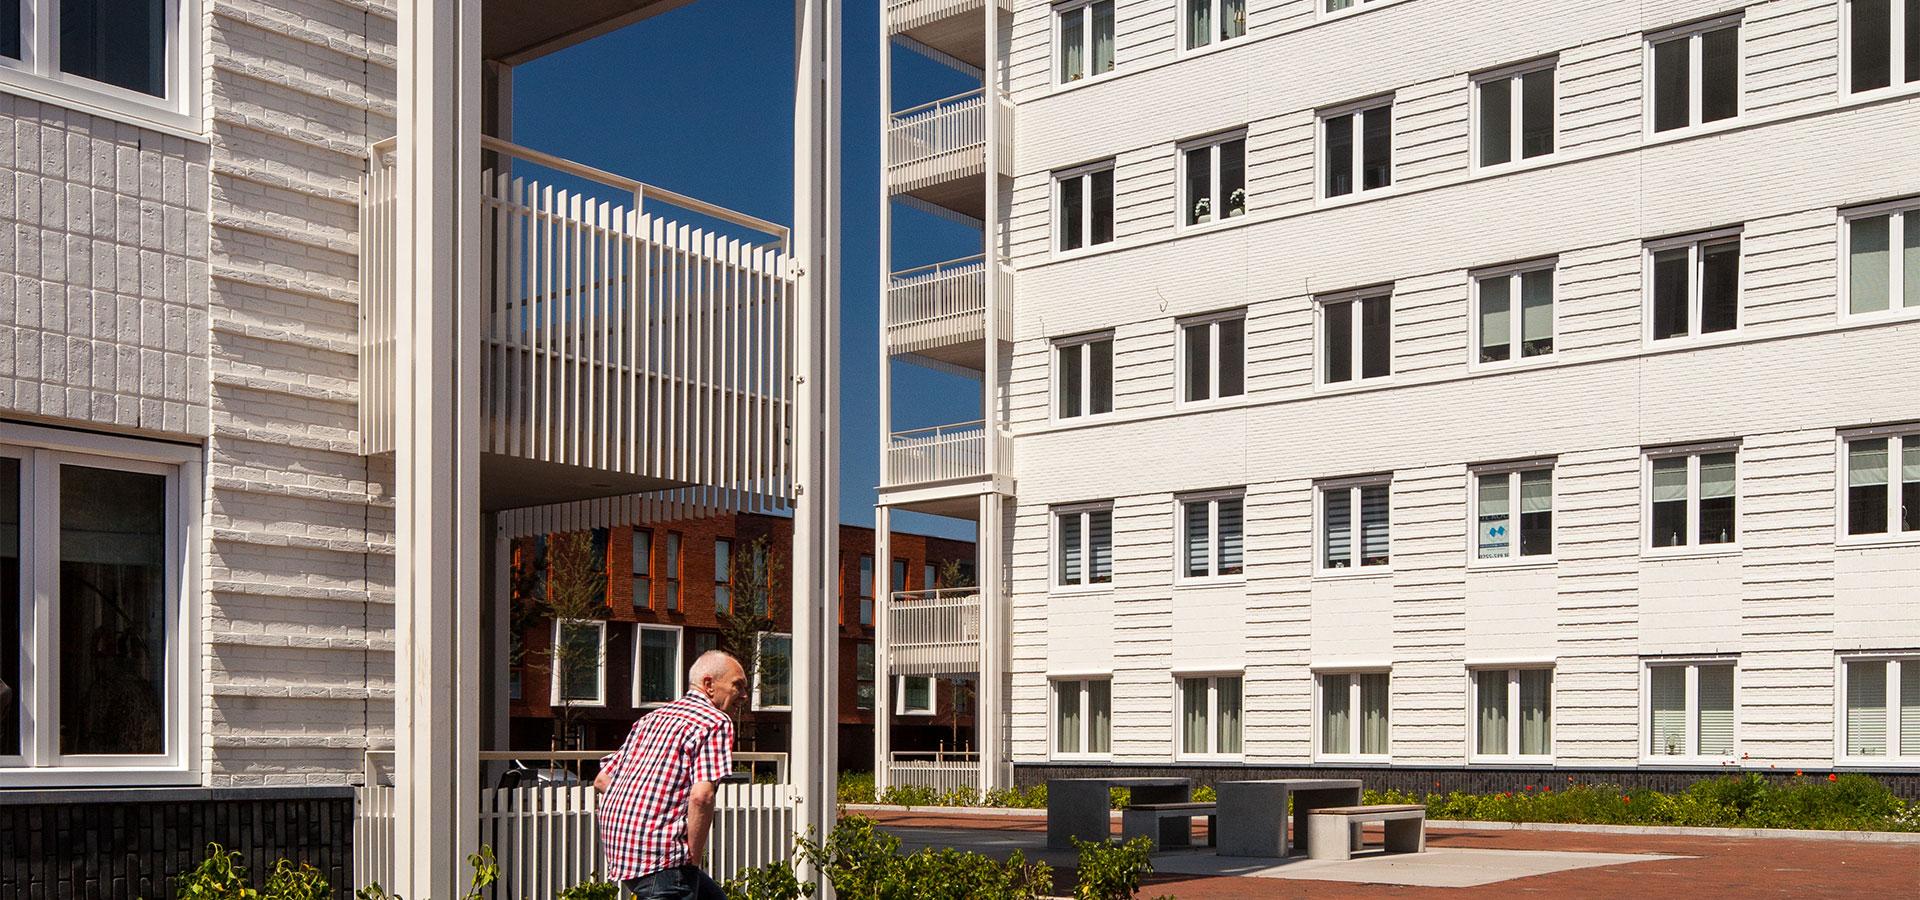 FARO architecten Binnenhaven blok 4 en 5 IJmuiden 04